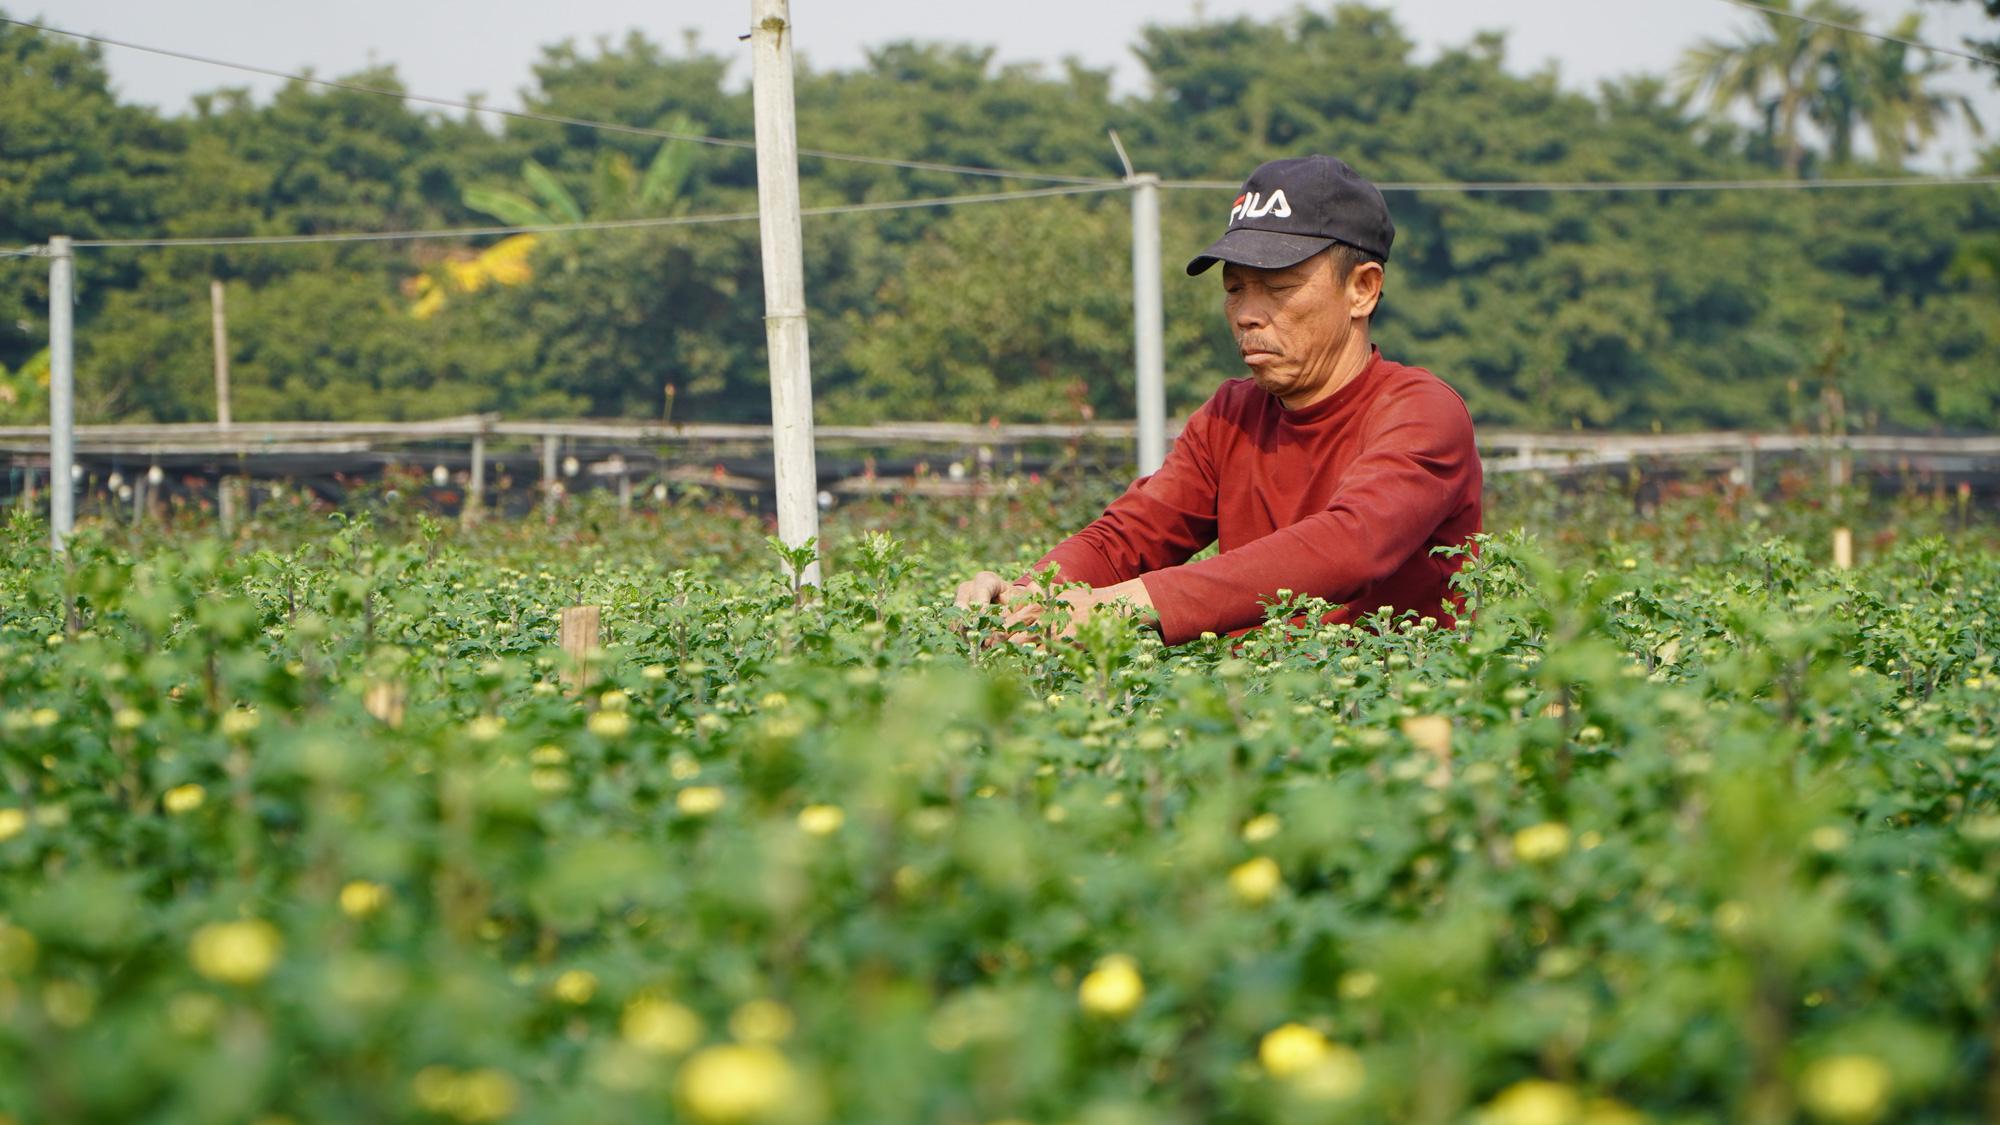 """Thời tiết tết 2021: Nông dân trồng hoa liệu có như """"đánh bạc"""" - Ảnh 2."""